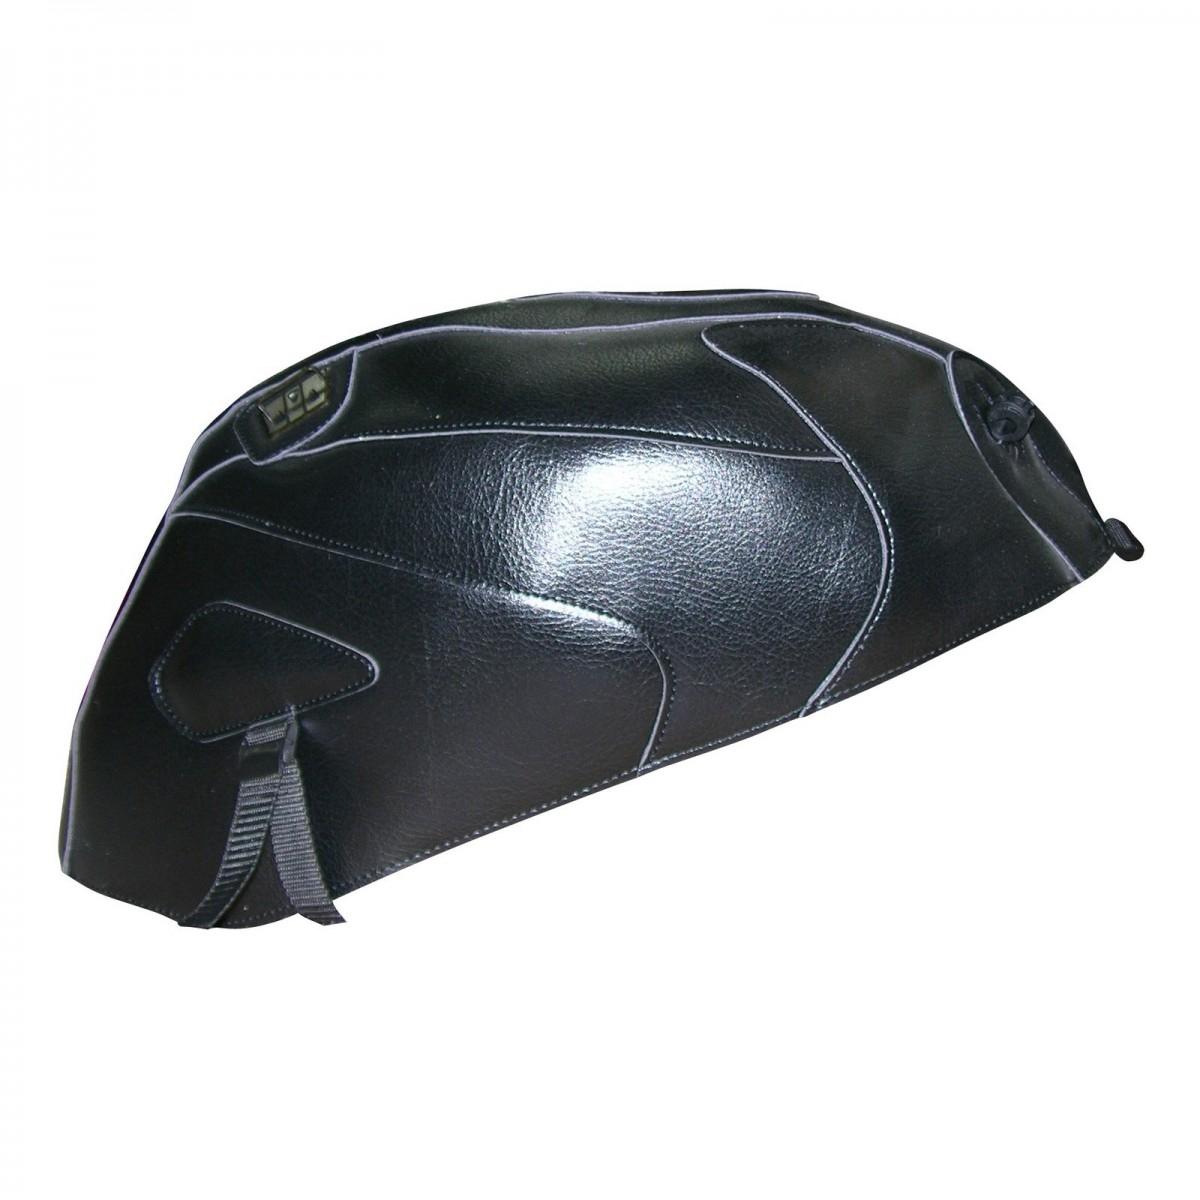 Protège-réservoir Bagster Hyosung 125 / 250 / 600 COMET / GTR 650 (201